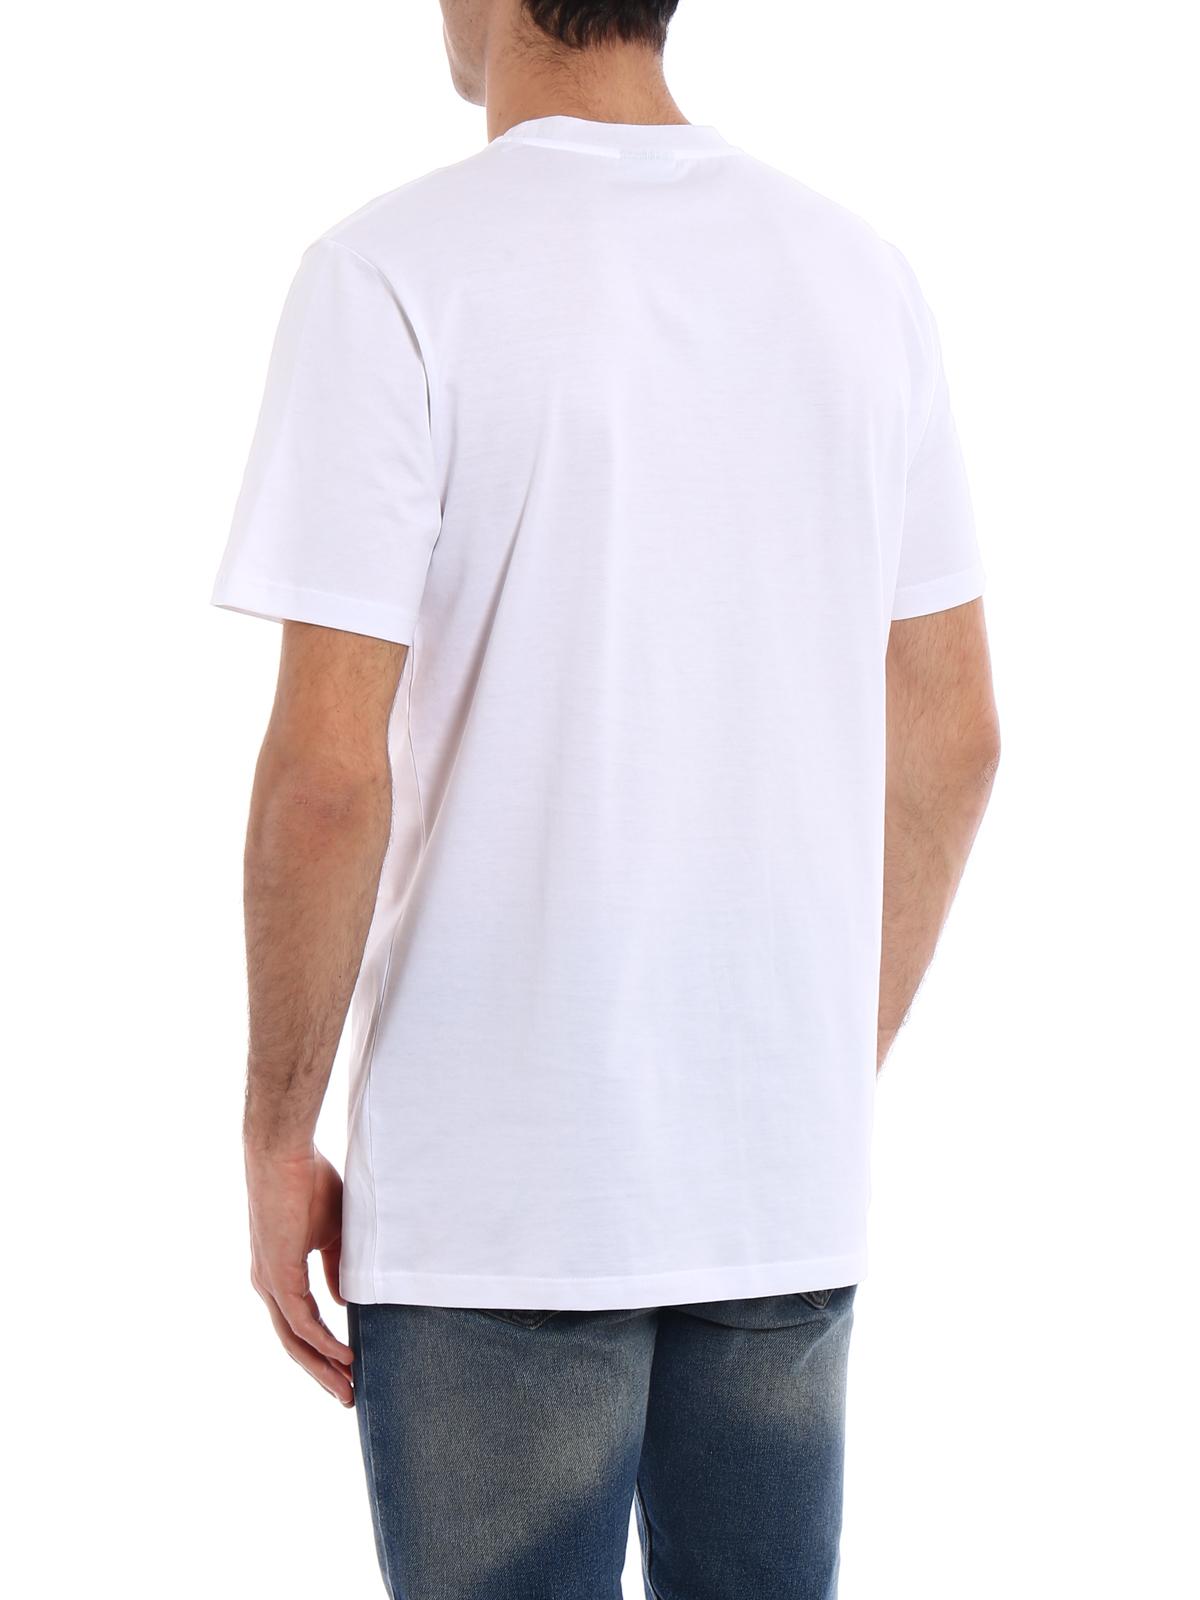 lanvin logo white tshirt by lanvin tshirts shop